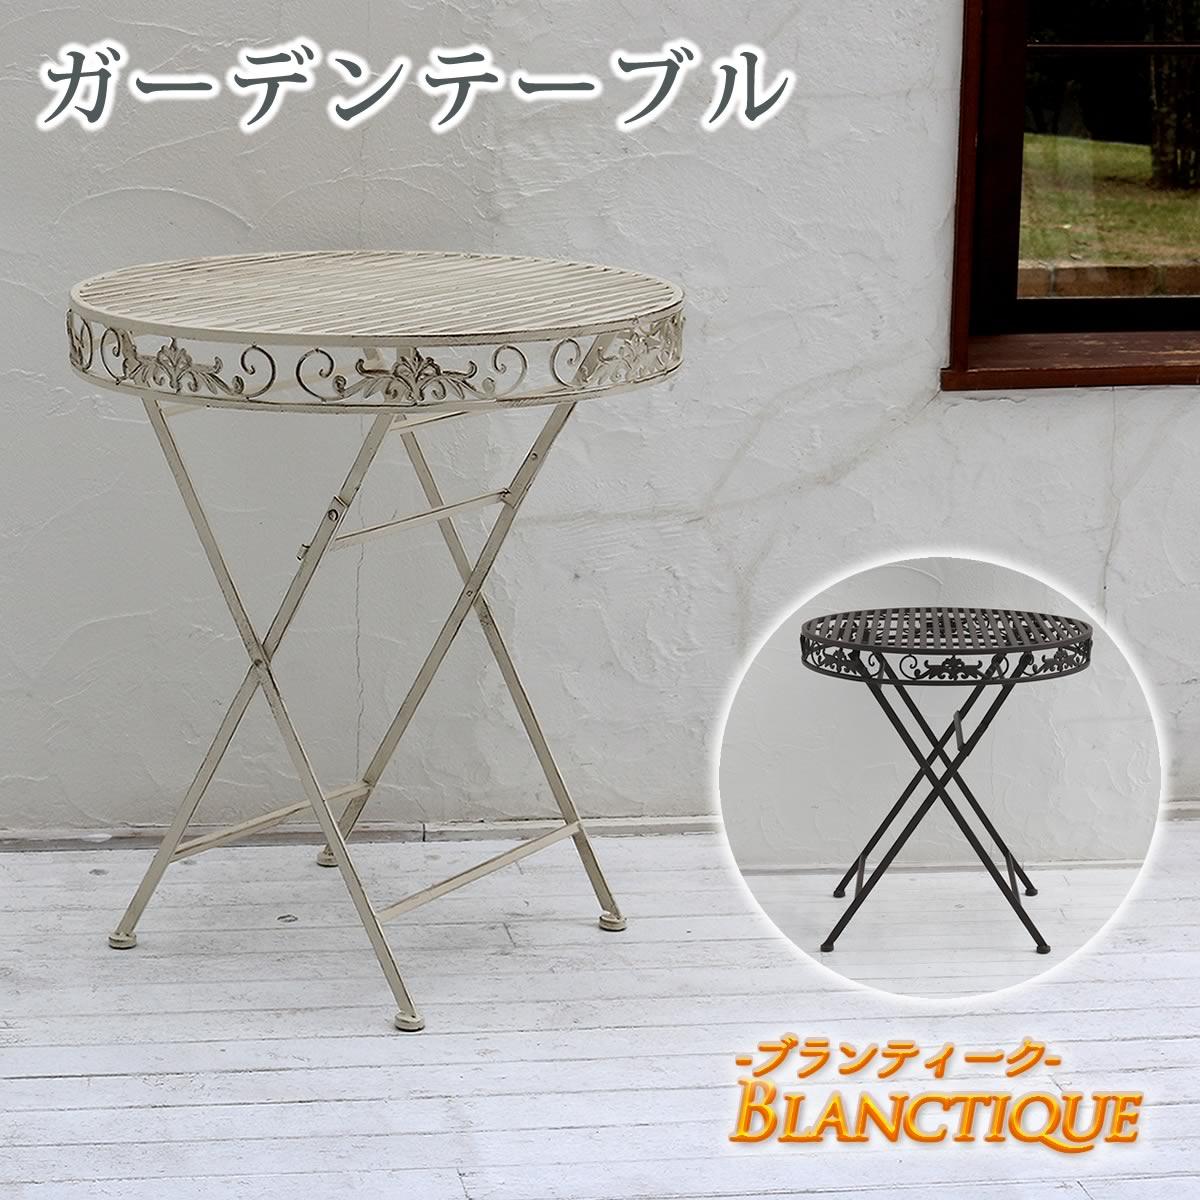 【ランキング1位獲得】ブランティーク ホワイトアイアンテーブル70 SPL-6628 エクステリア ガーデンファニチャー テーブルガーデニング ガーデンファニチャー テーブル クラッシックテイスト イングリッシュガーデン アンティーク 折り畳み式